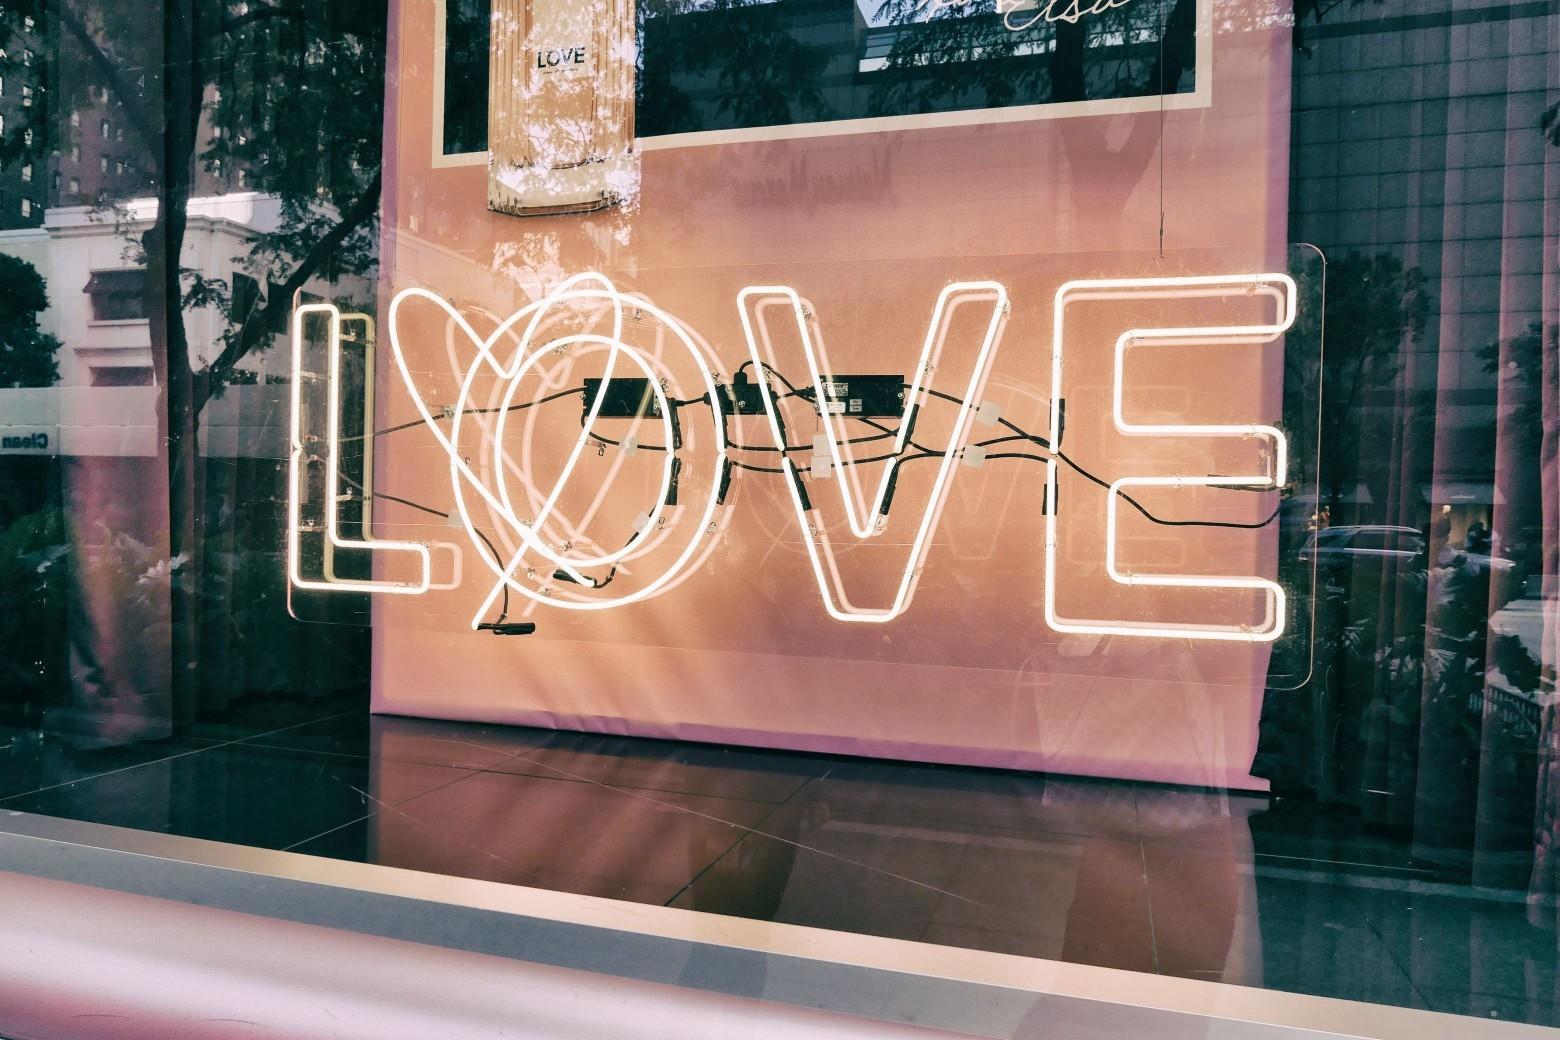 你給的是對方要的?《愛之語》學會五種愛的語言,讓相處更省力